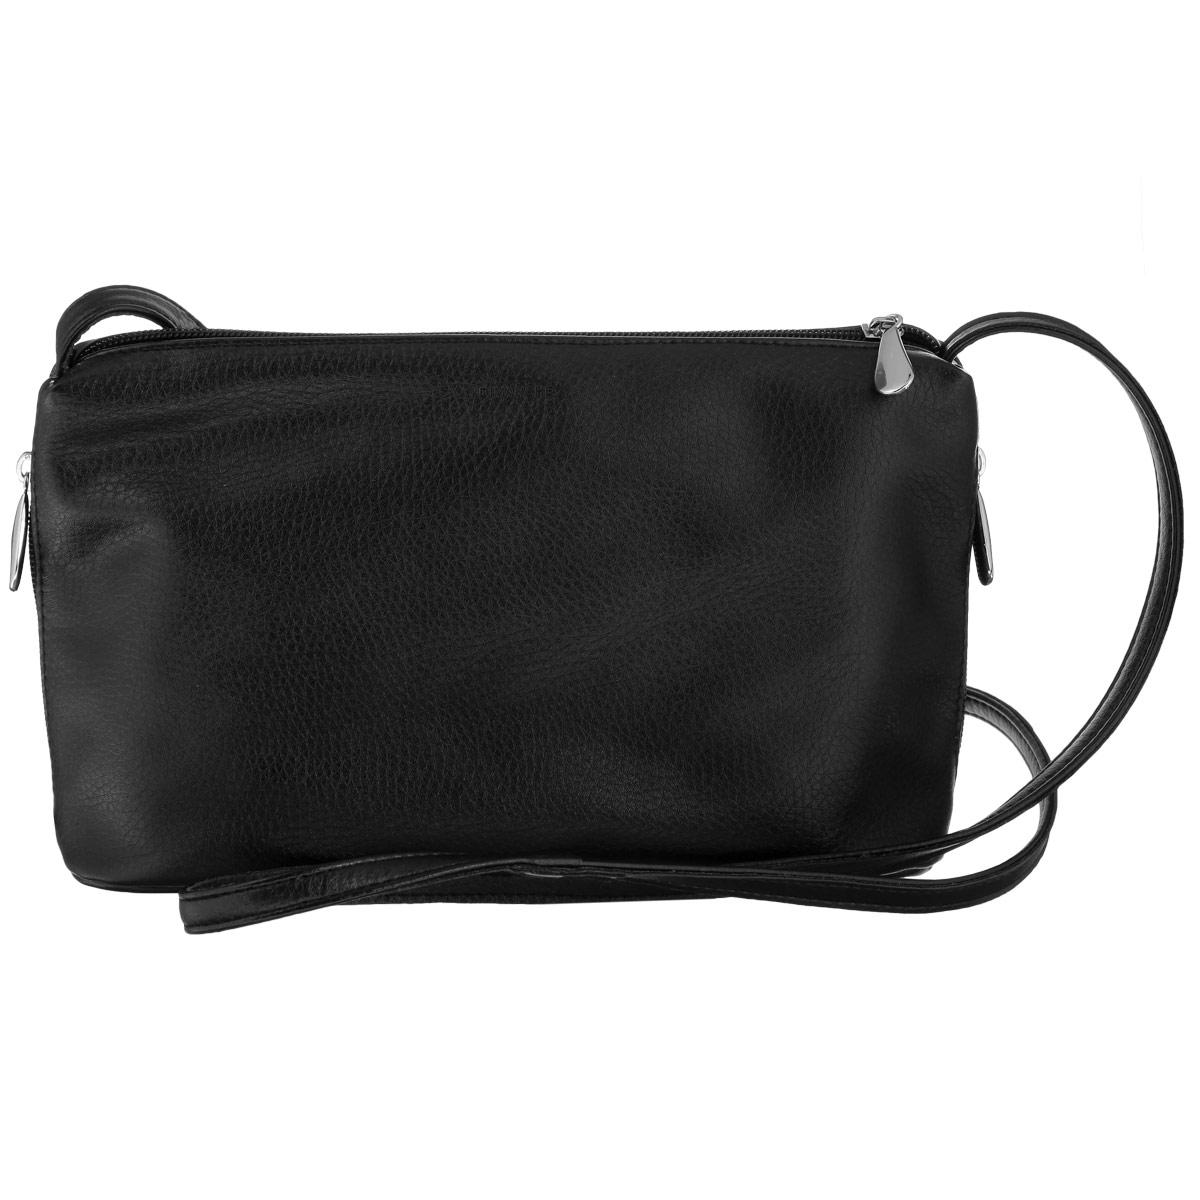 Сумка женская Dimanche, цвет: черный. 278/11278/11Изысканная женская сумка Dimanche изготовлена из искусственной кожи. Изделие закрывается на удобную застежку-молнию. Внутри - одно вместительное отделение, два накладных кармашка для мелочей, телефона и врезной карманчик на застежке-молнии. Модель оформлена двумя боковыми карманчиками на застежках-молниях. Сумка дополнена не съемным плечевым ремнем, регулирующимся по длине. Роскошная сумка внесет элегантные нотки в ваш образ и подчеркнет ваше отменное чувство стиля.